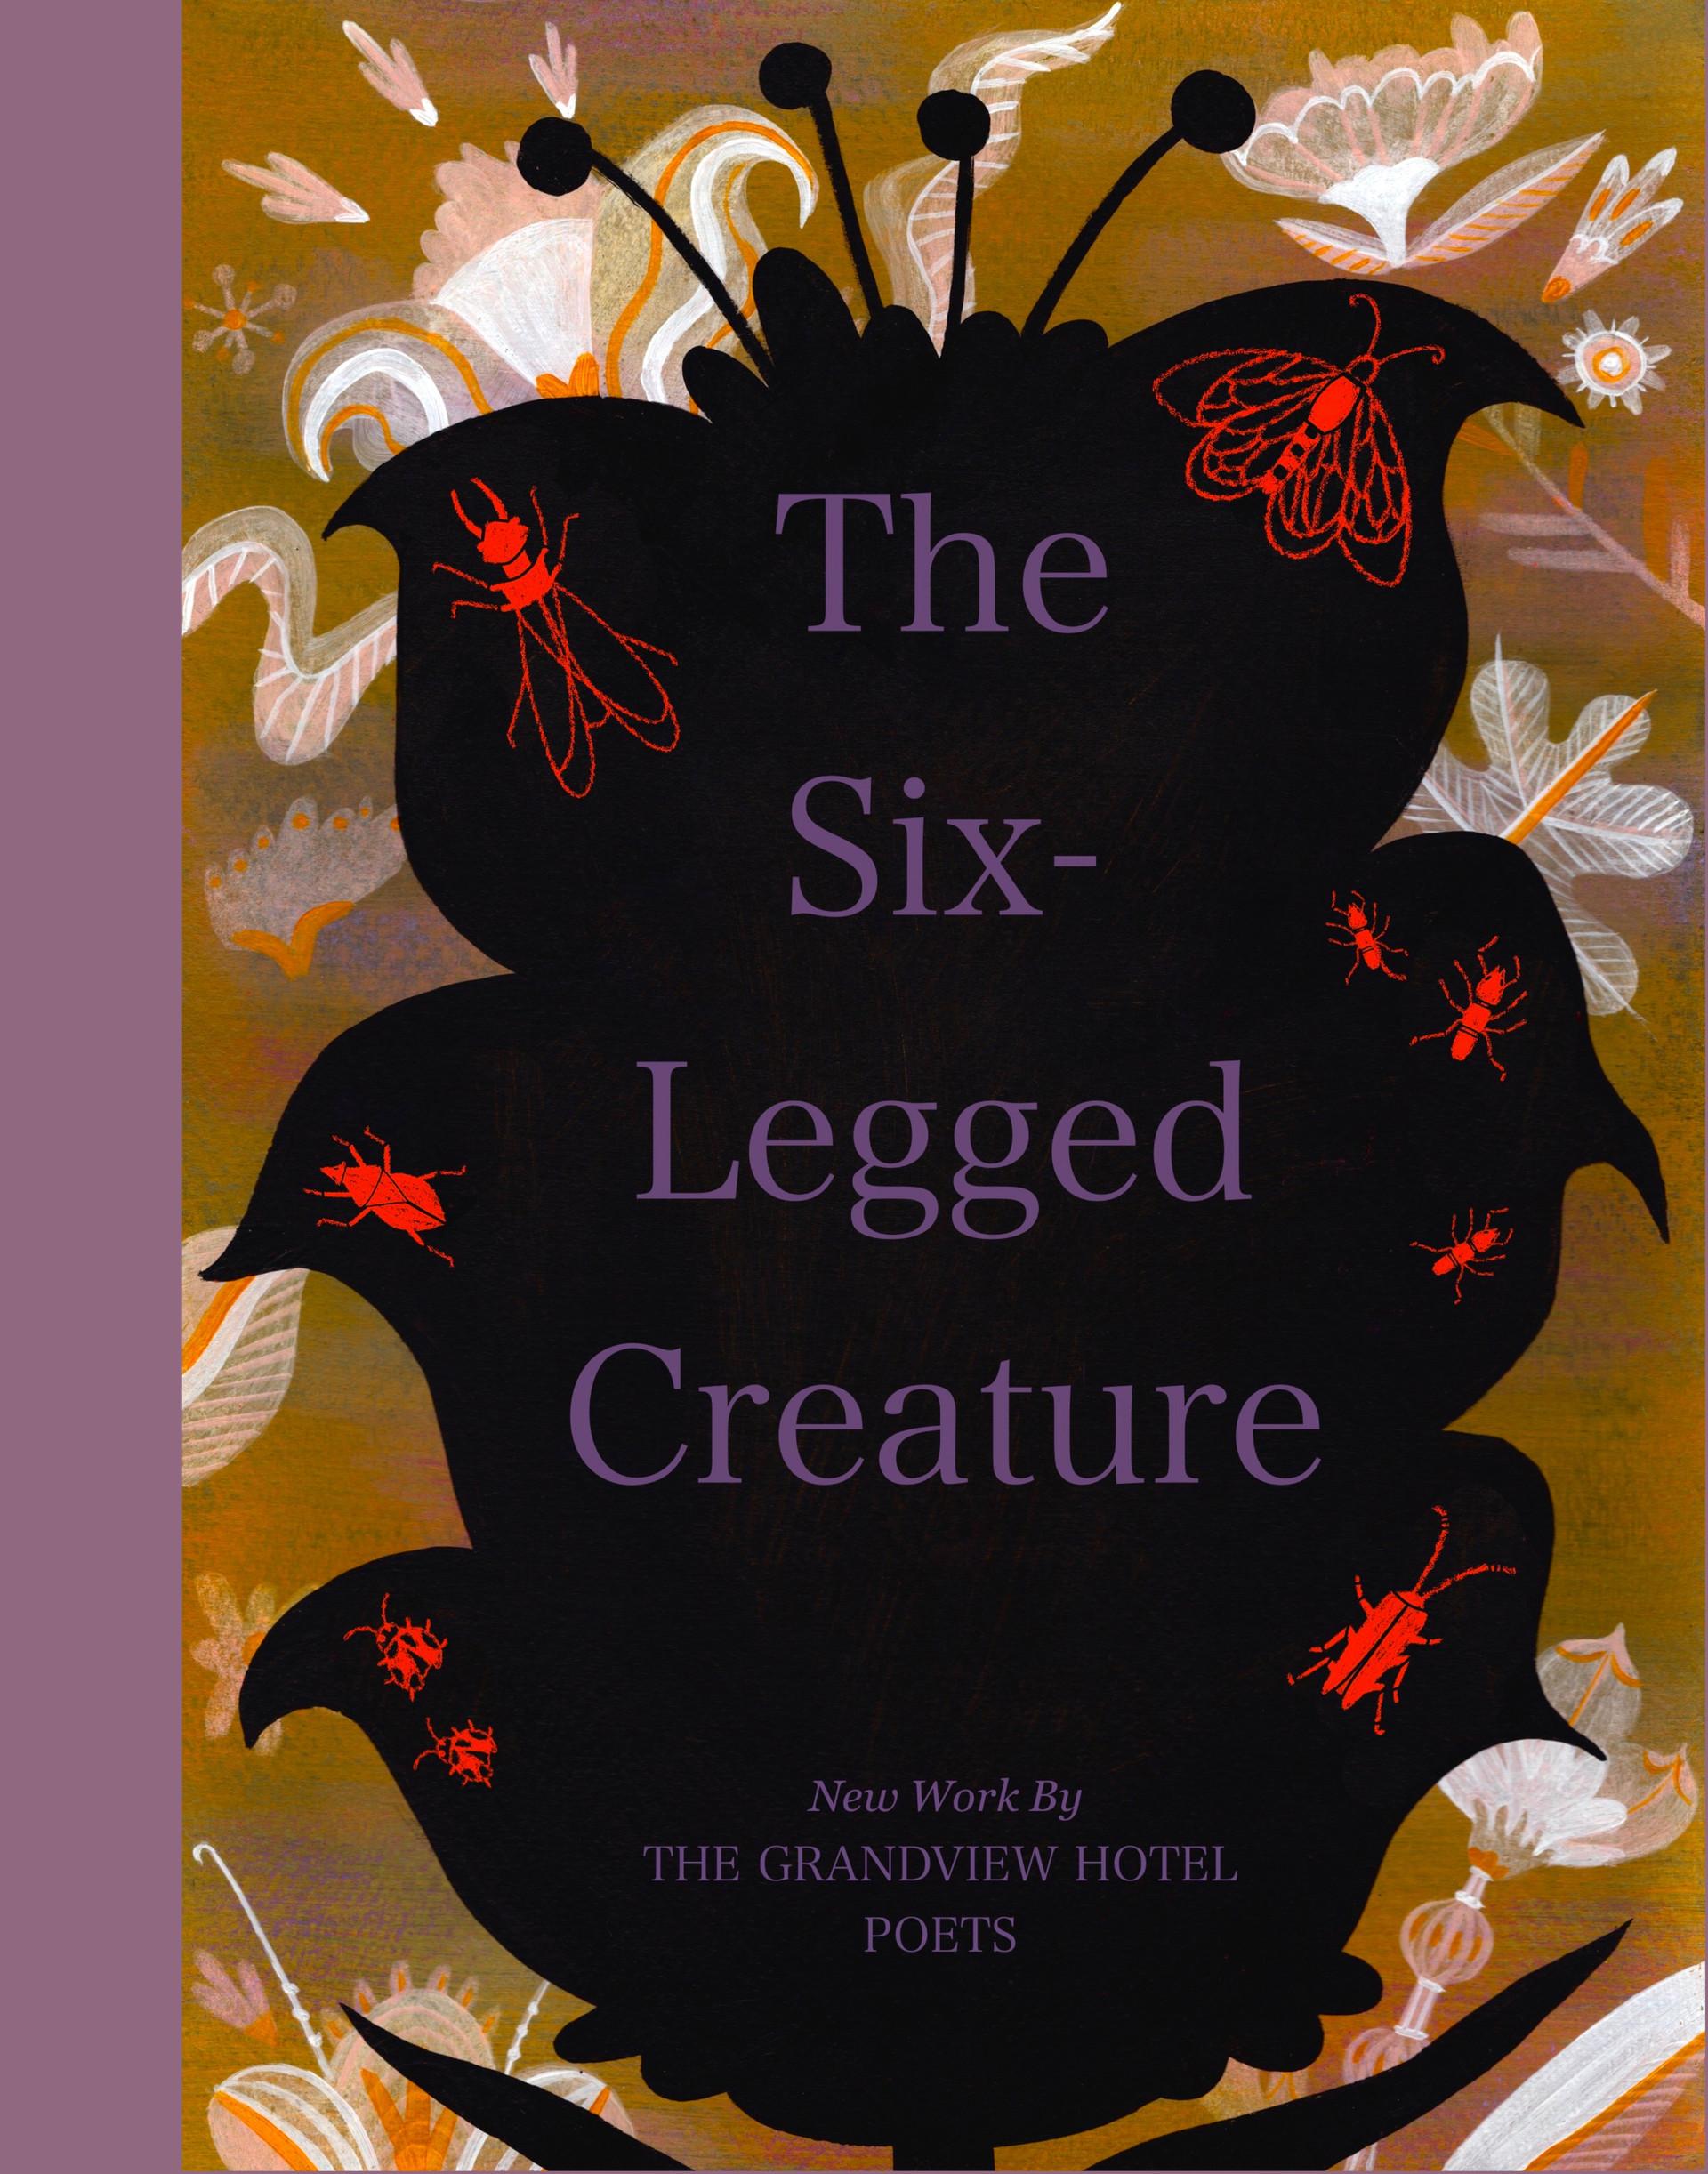 The Six-Legged Creature